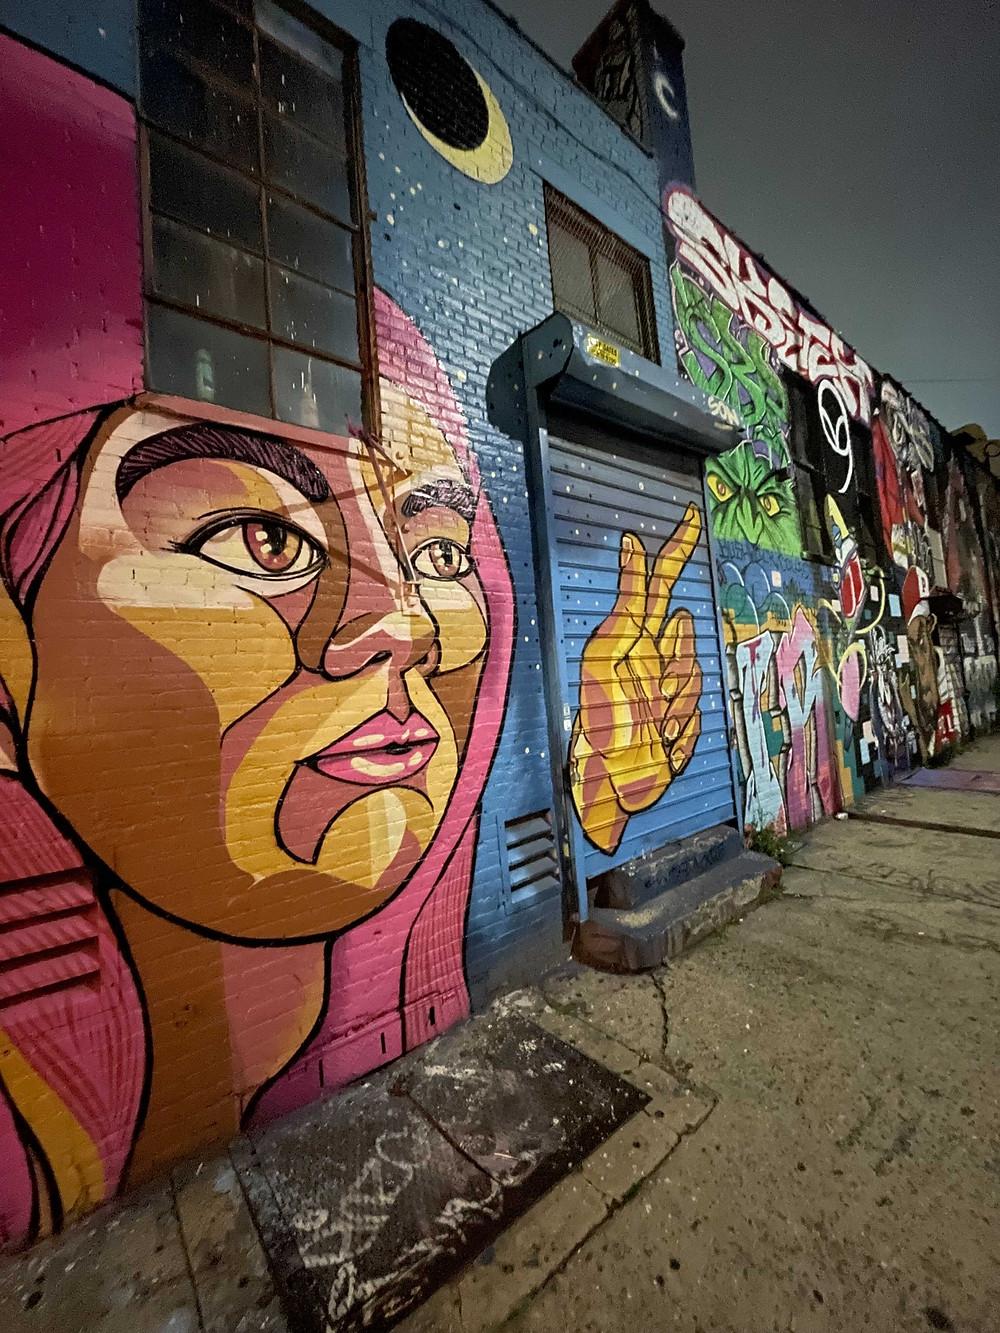 Street art in Bushwick, Brooklyn